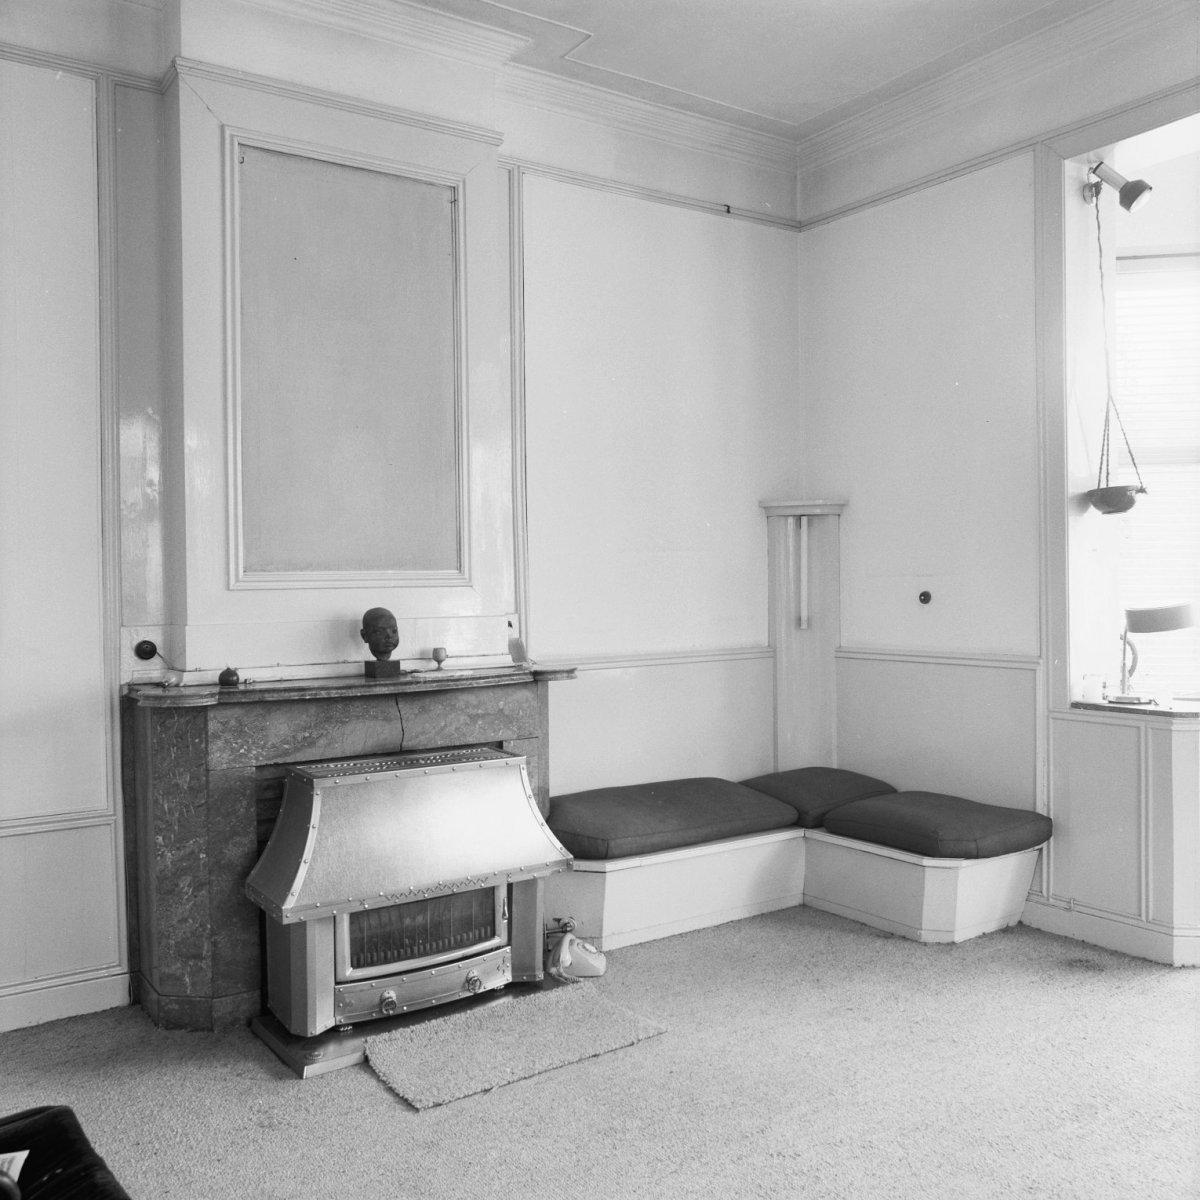 Inrichting woonkamer met kachel: renovatie woning inrichting door ...